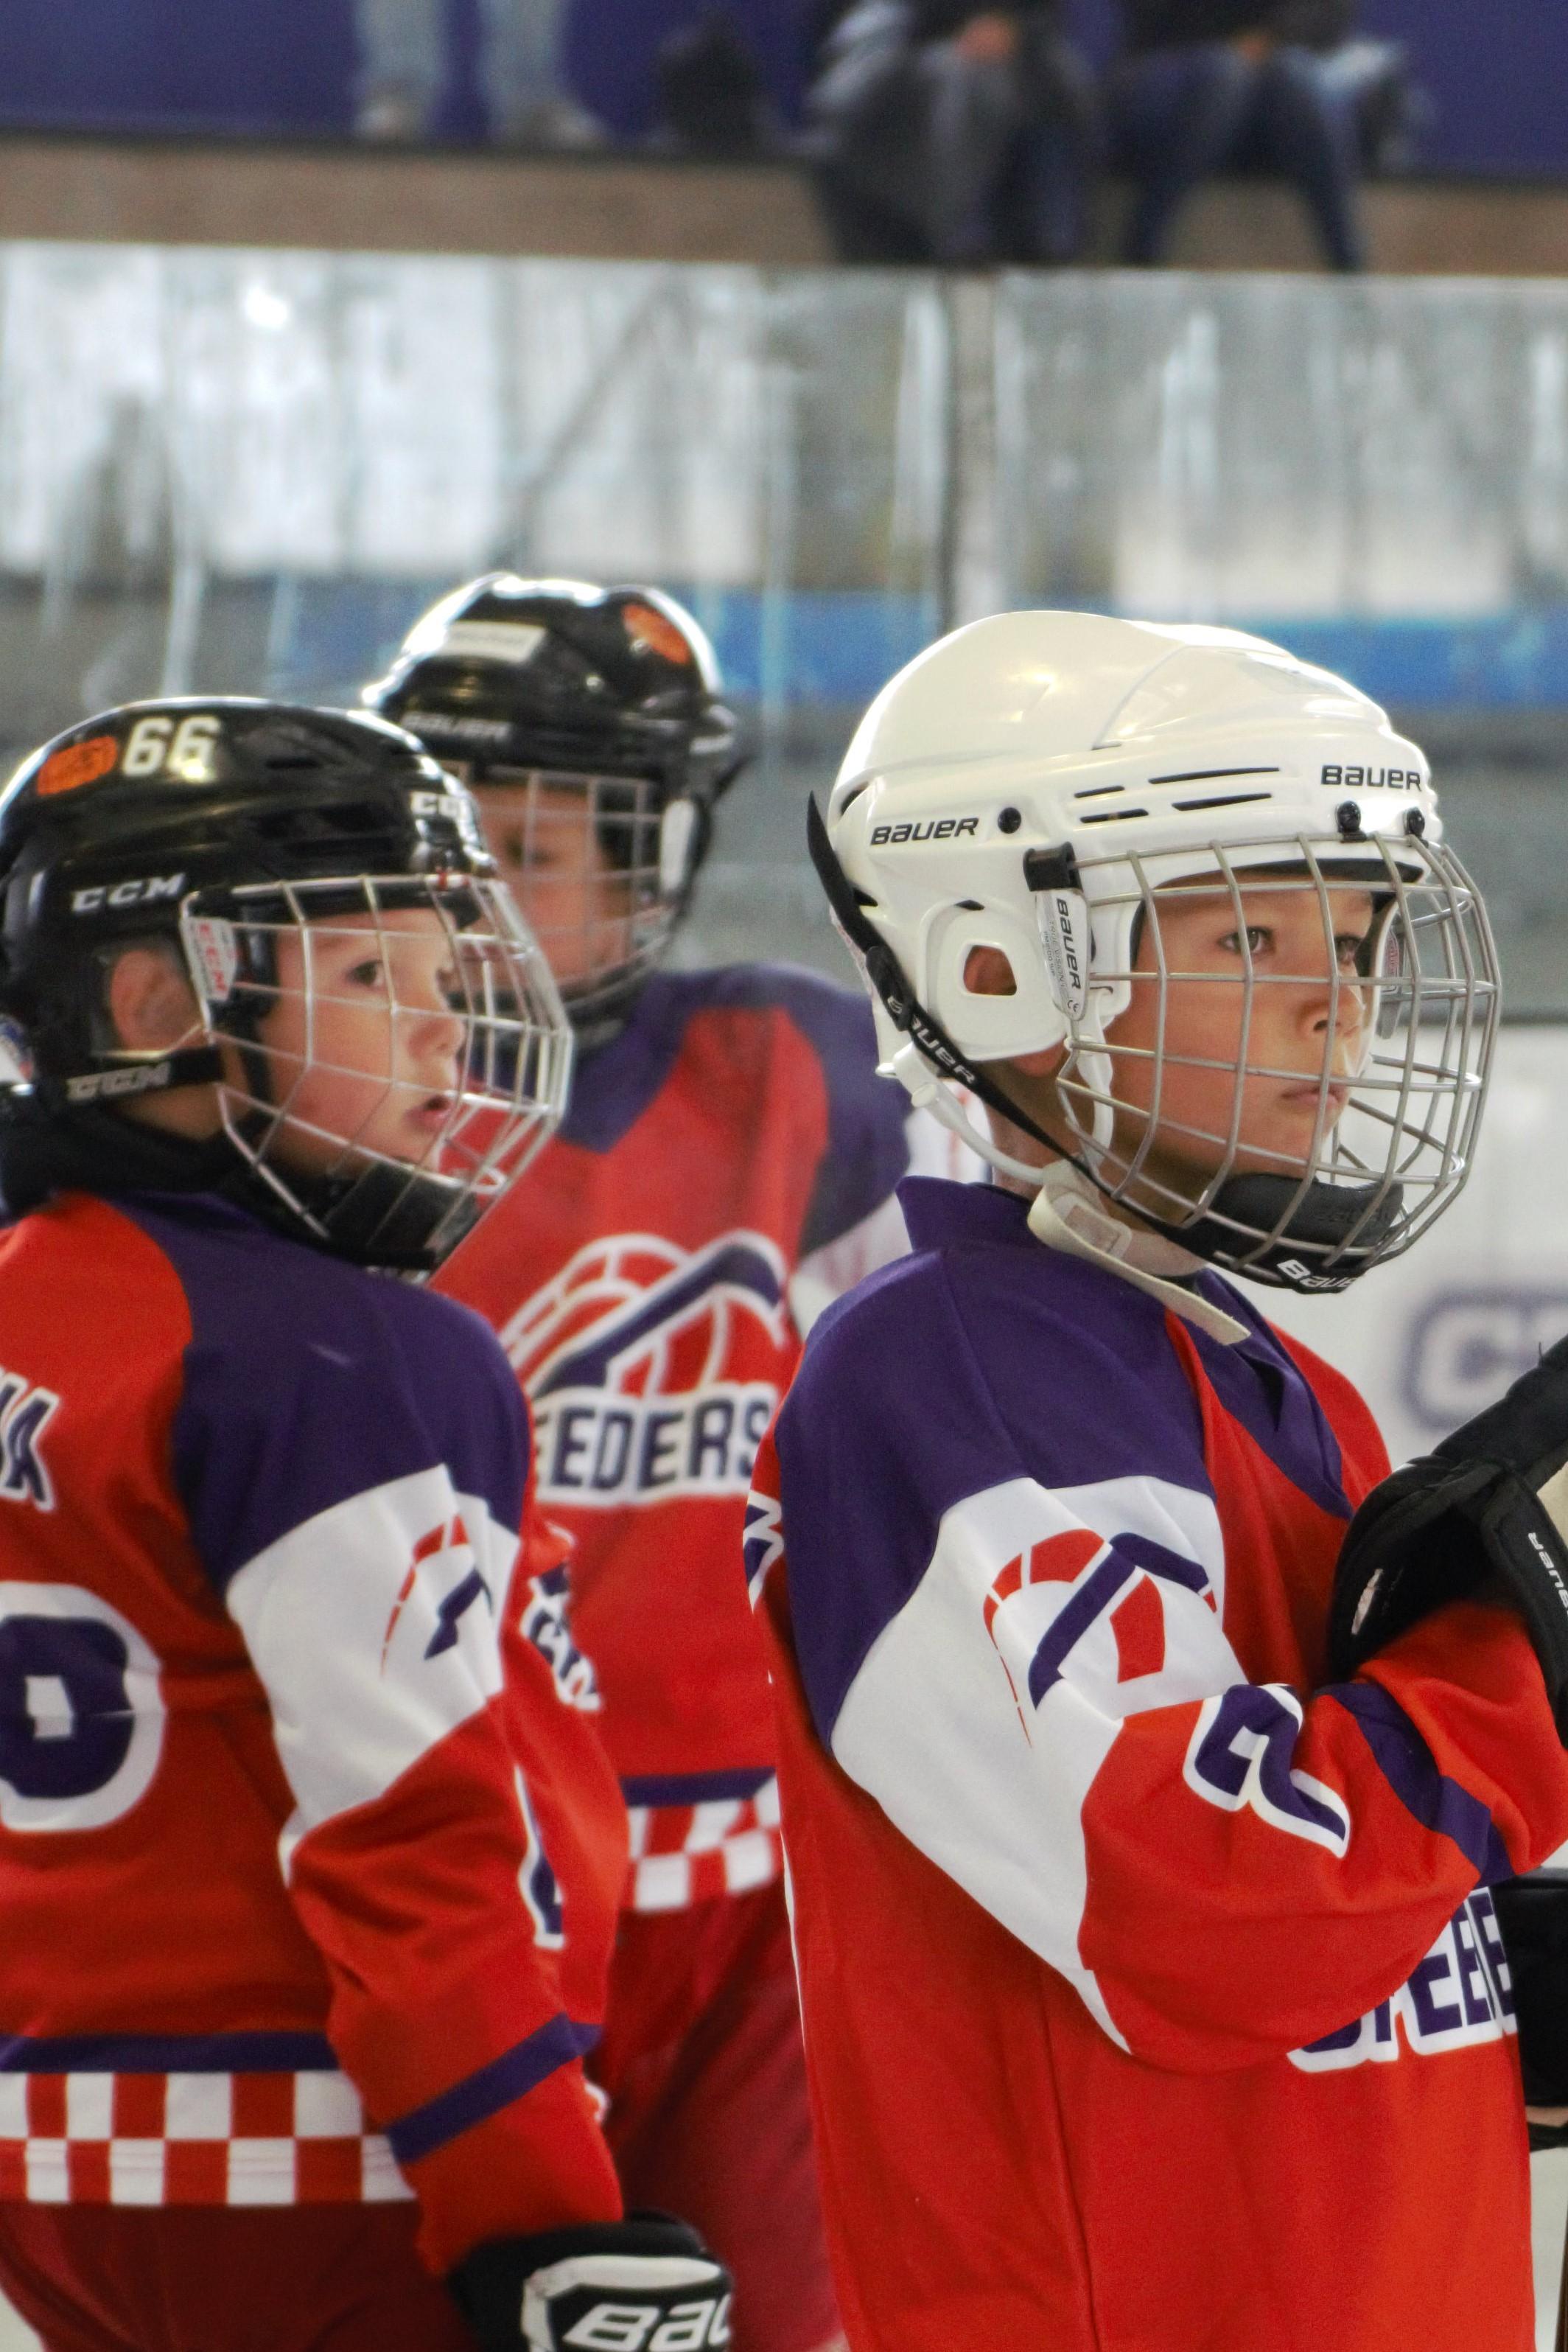 hokej turnaj Nymburk Speeders Bratislava39